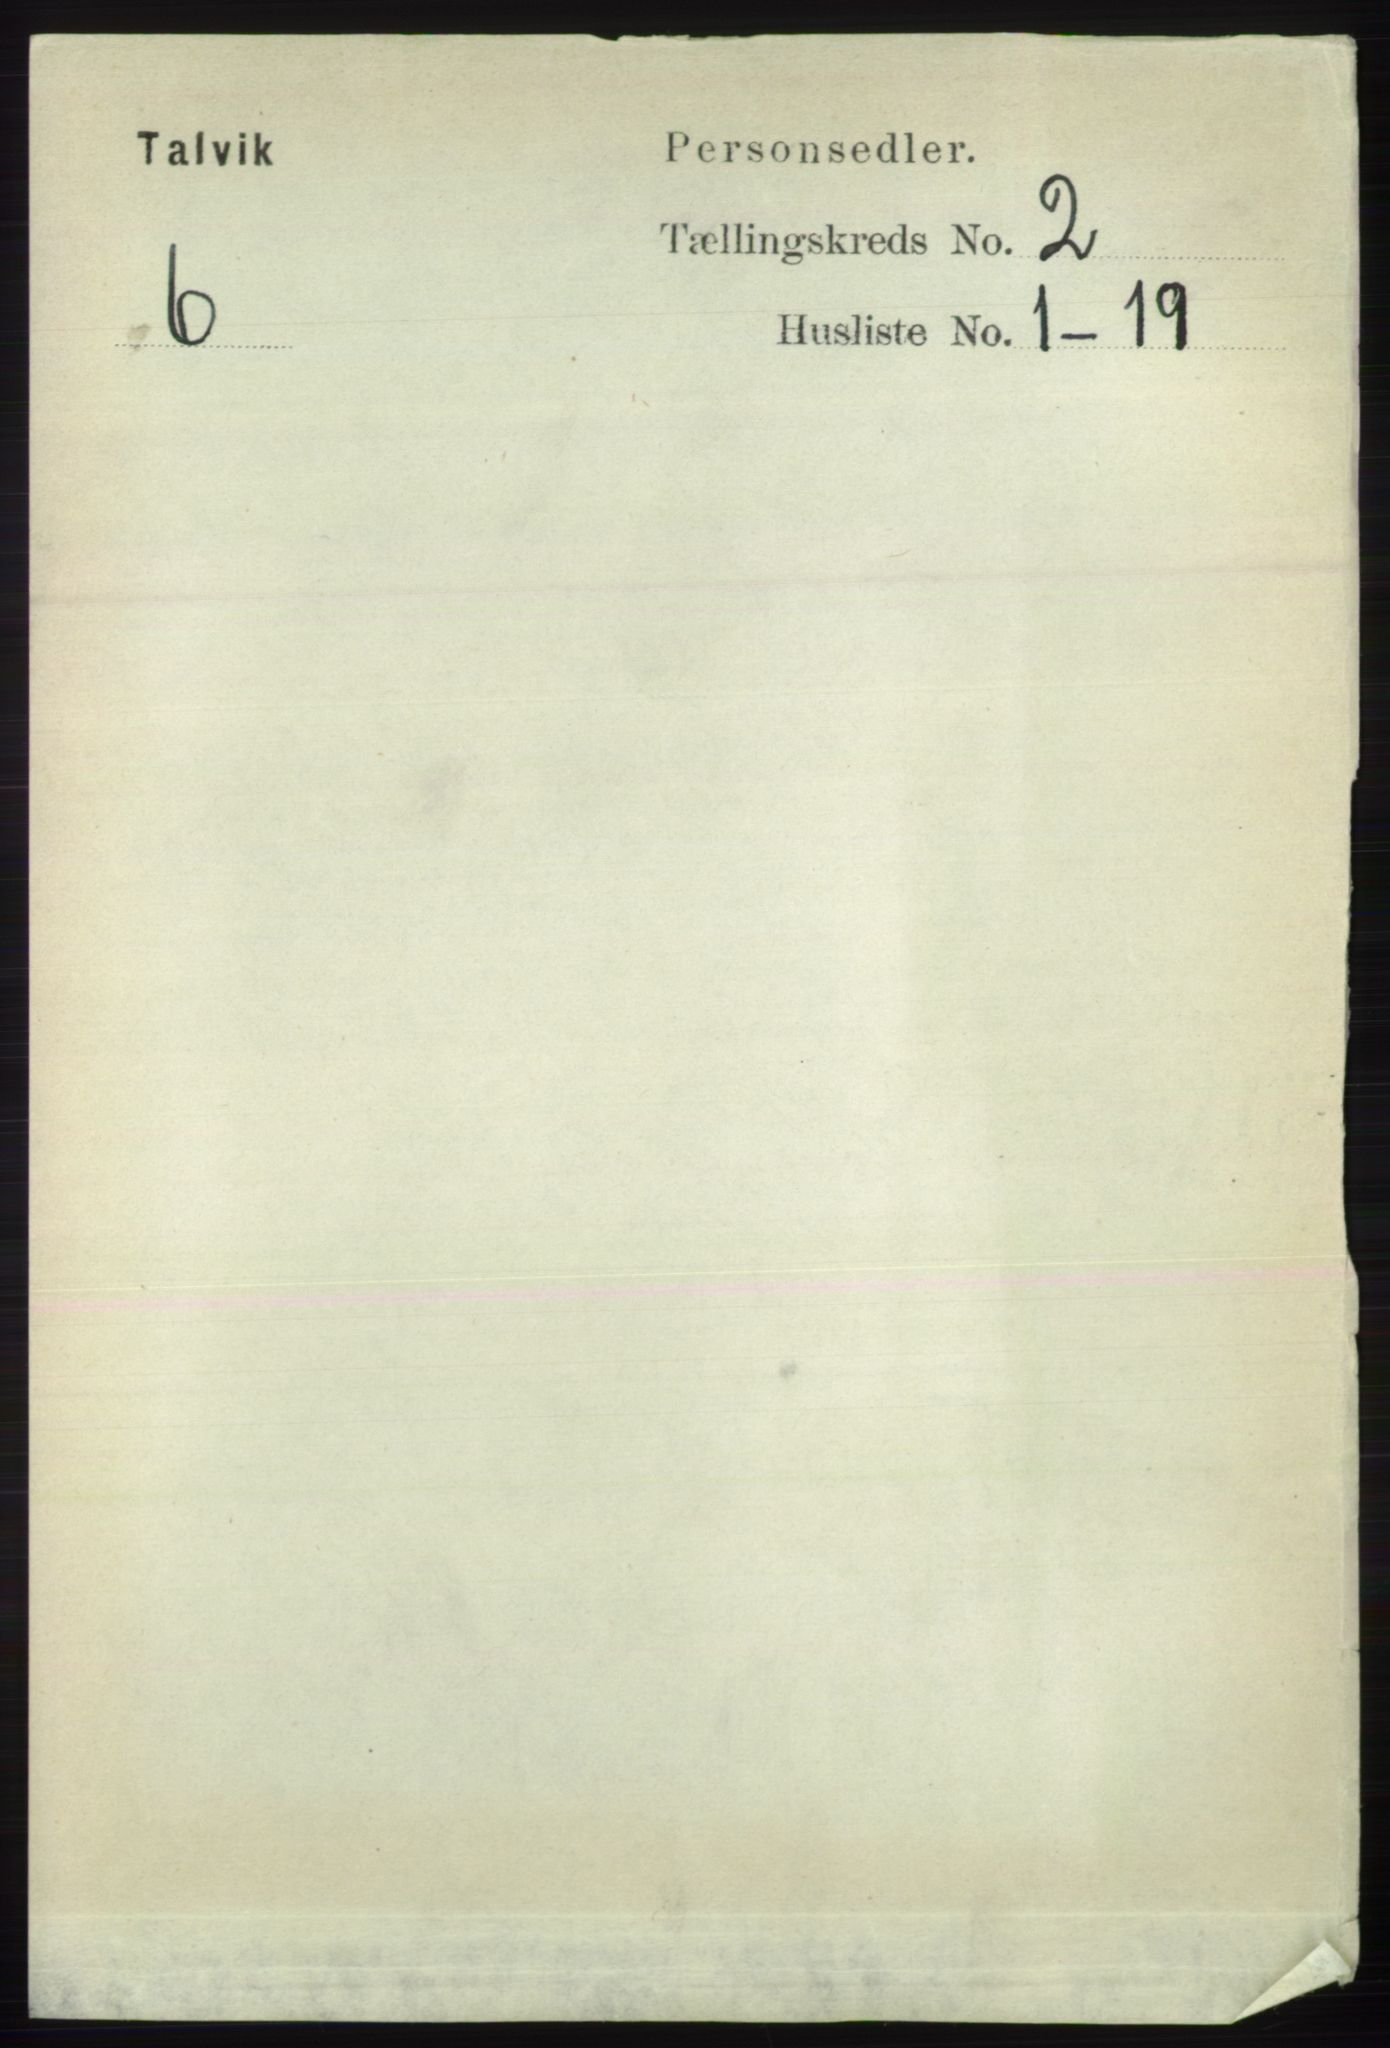 RA, Folketelling 1891 for 2013 Talvik herred, 1891, s. 527